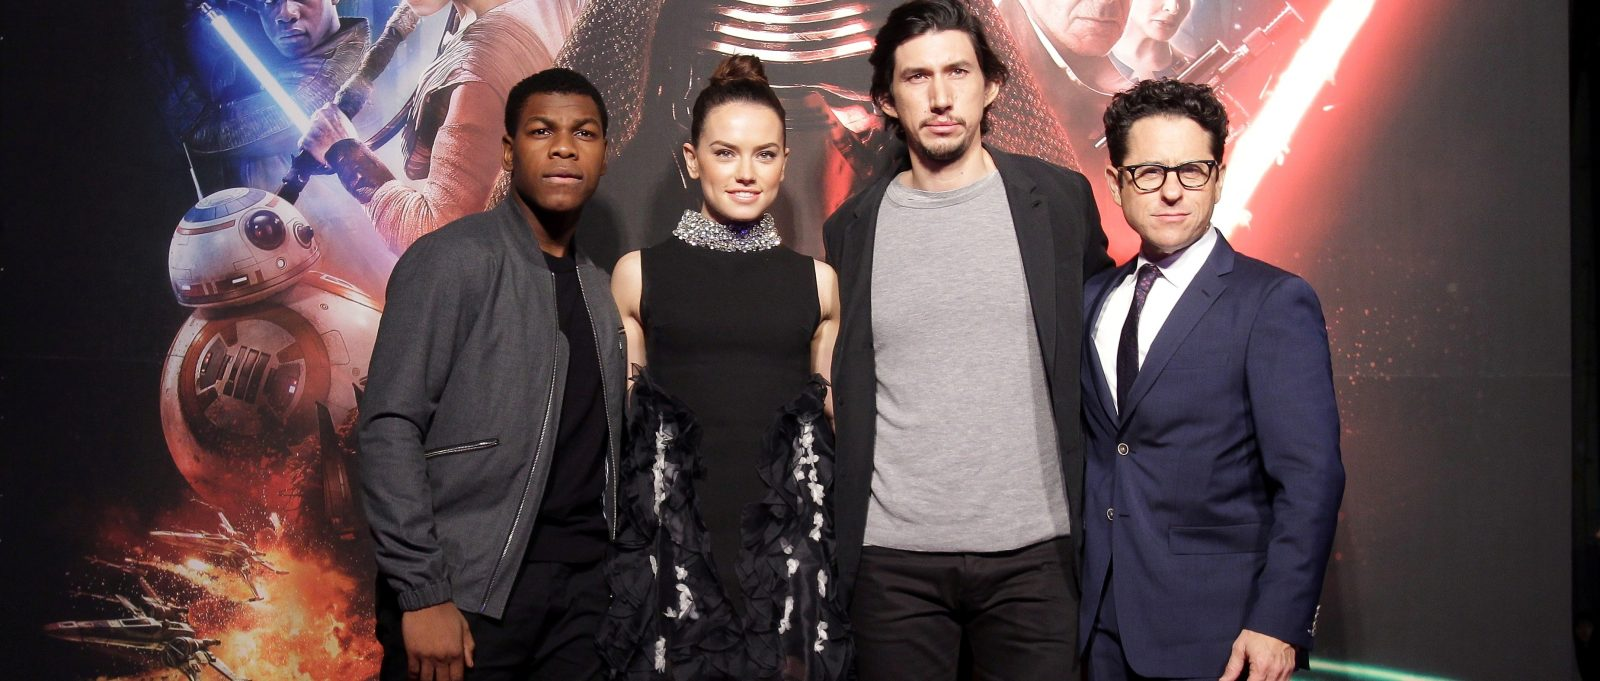 Съемки 9 эпизода «Звездных войн» завершены